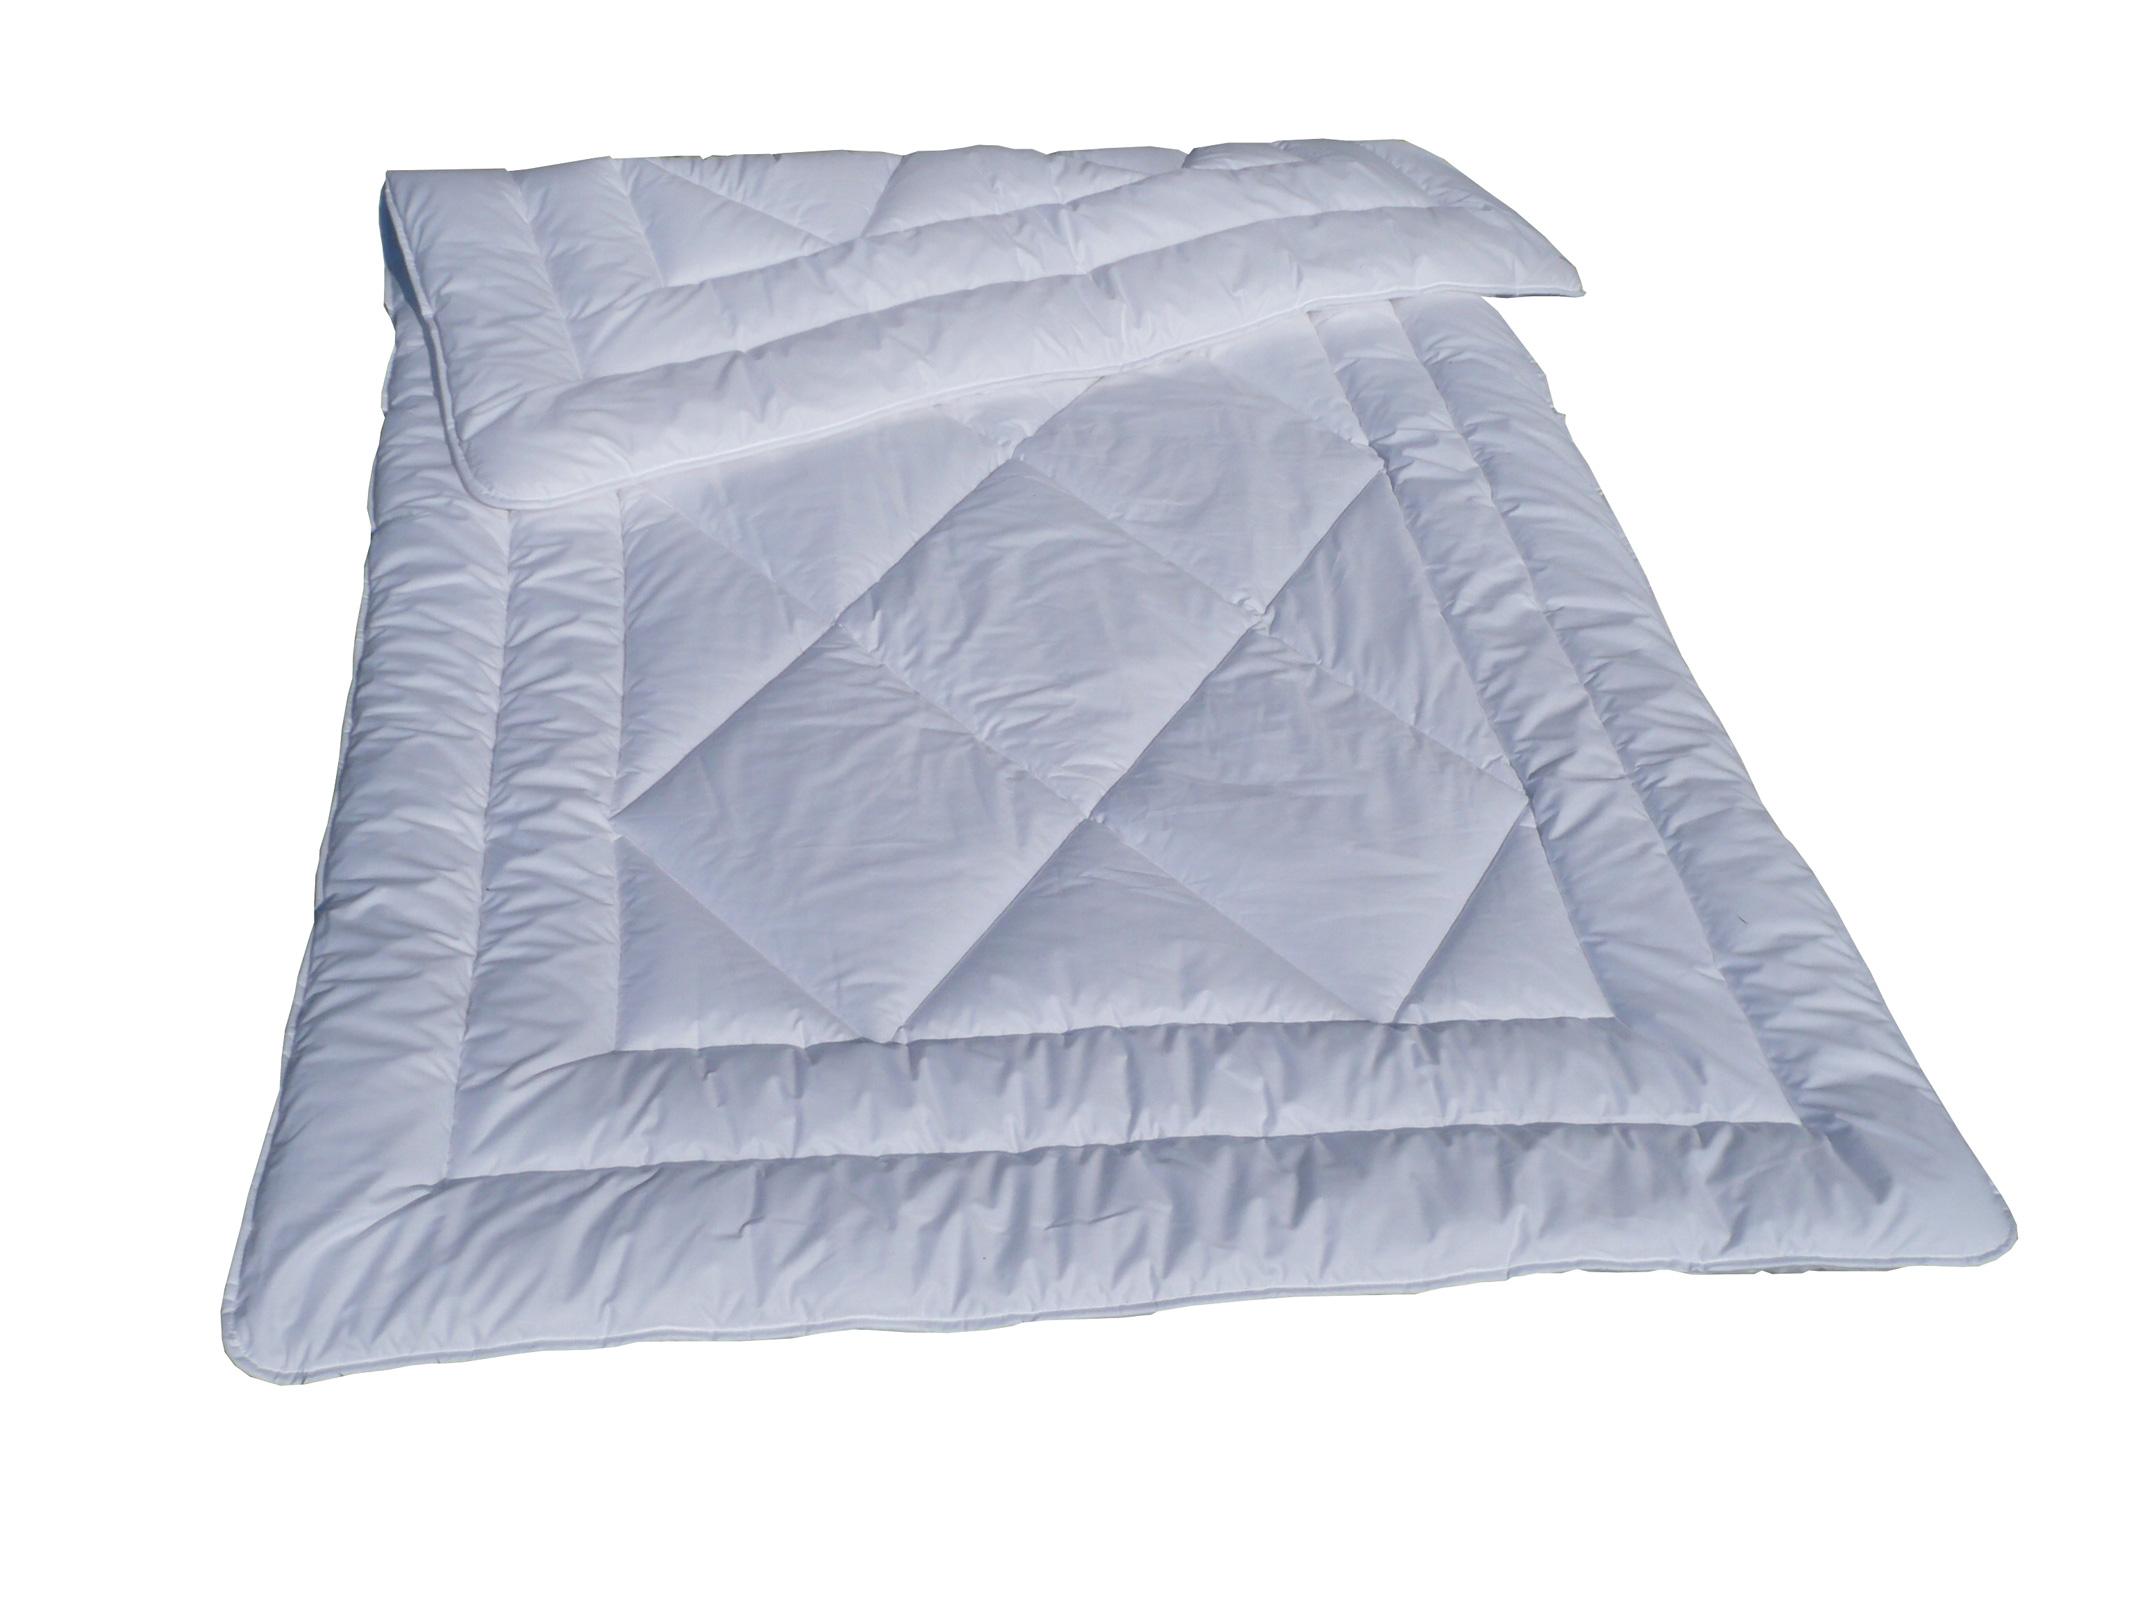 Bettdecken und Kopfkissen - Bettdecke Ganzjahresdecke Care Vital 135x200 95°  - Onlineshop PremiumShop321